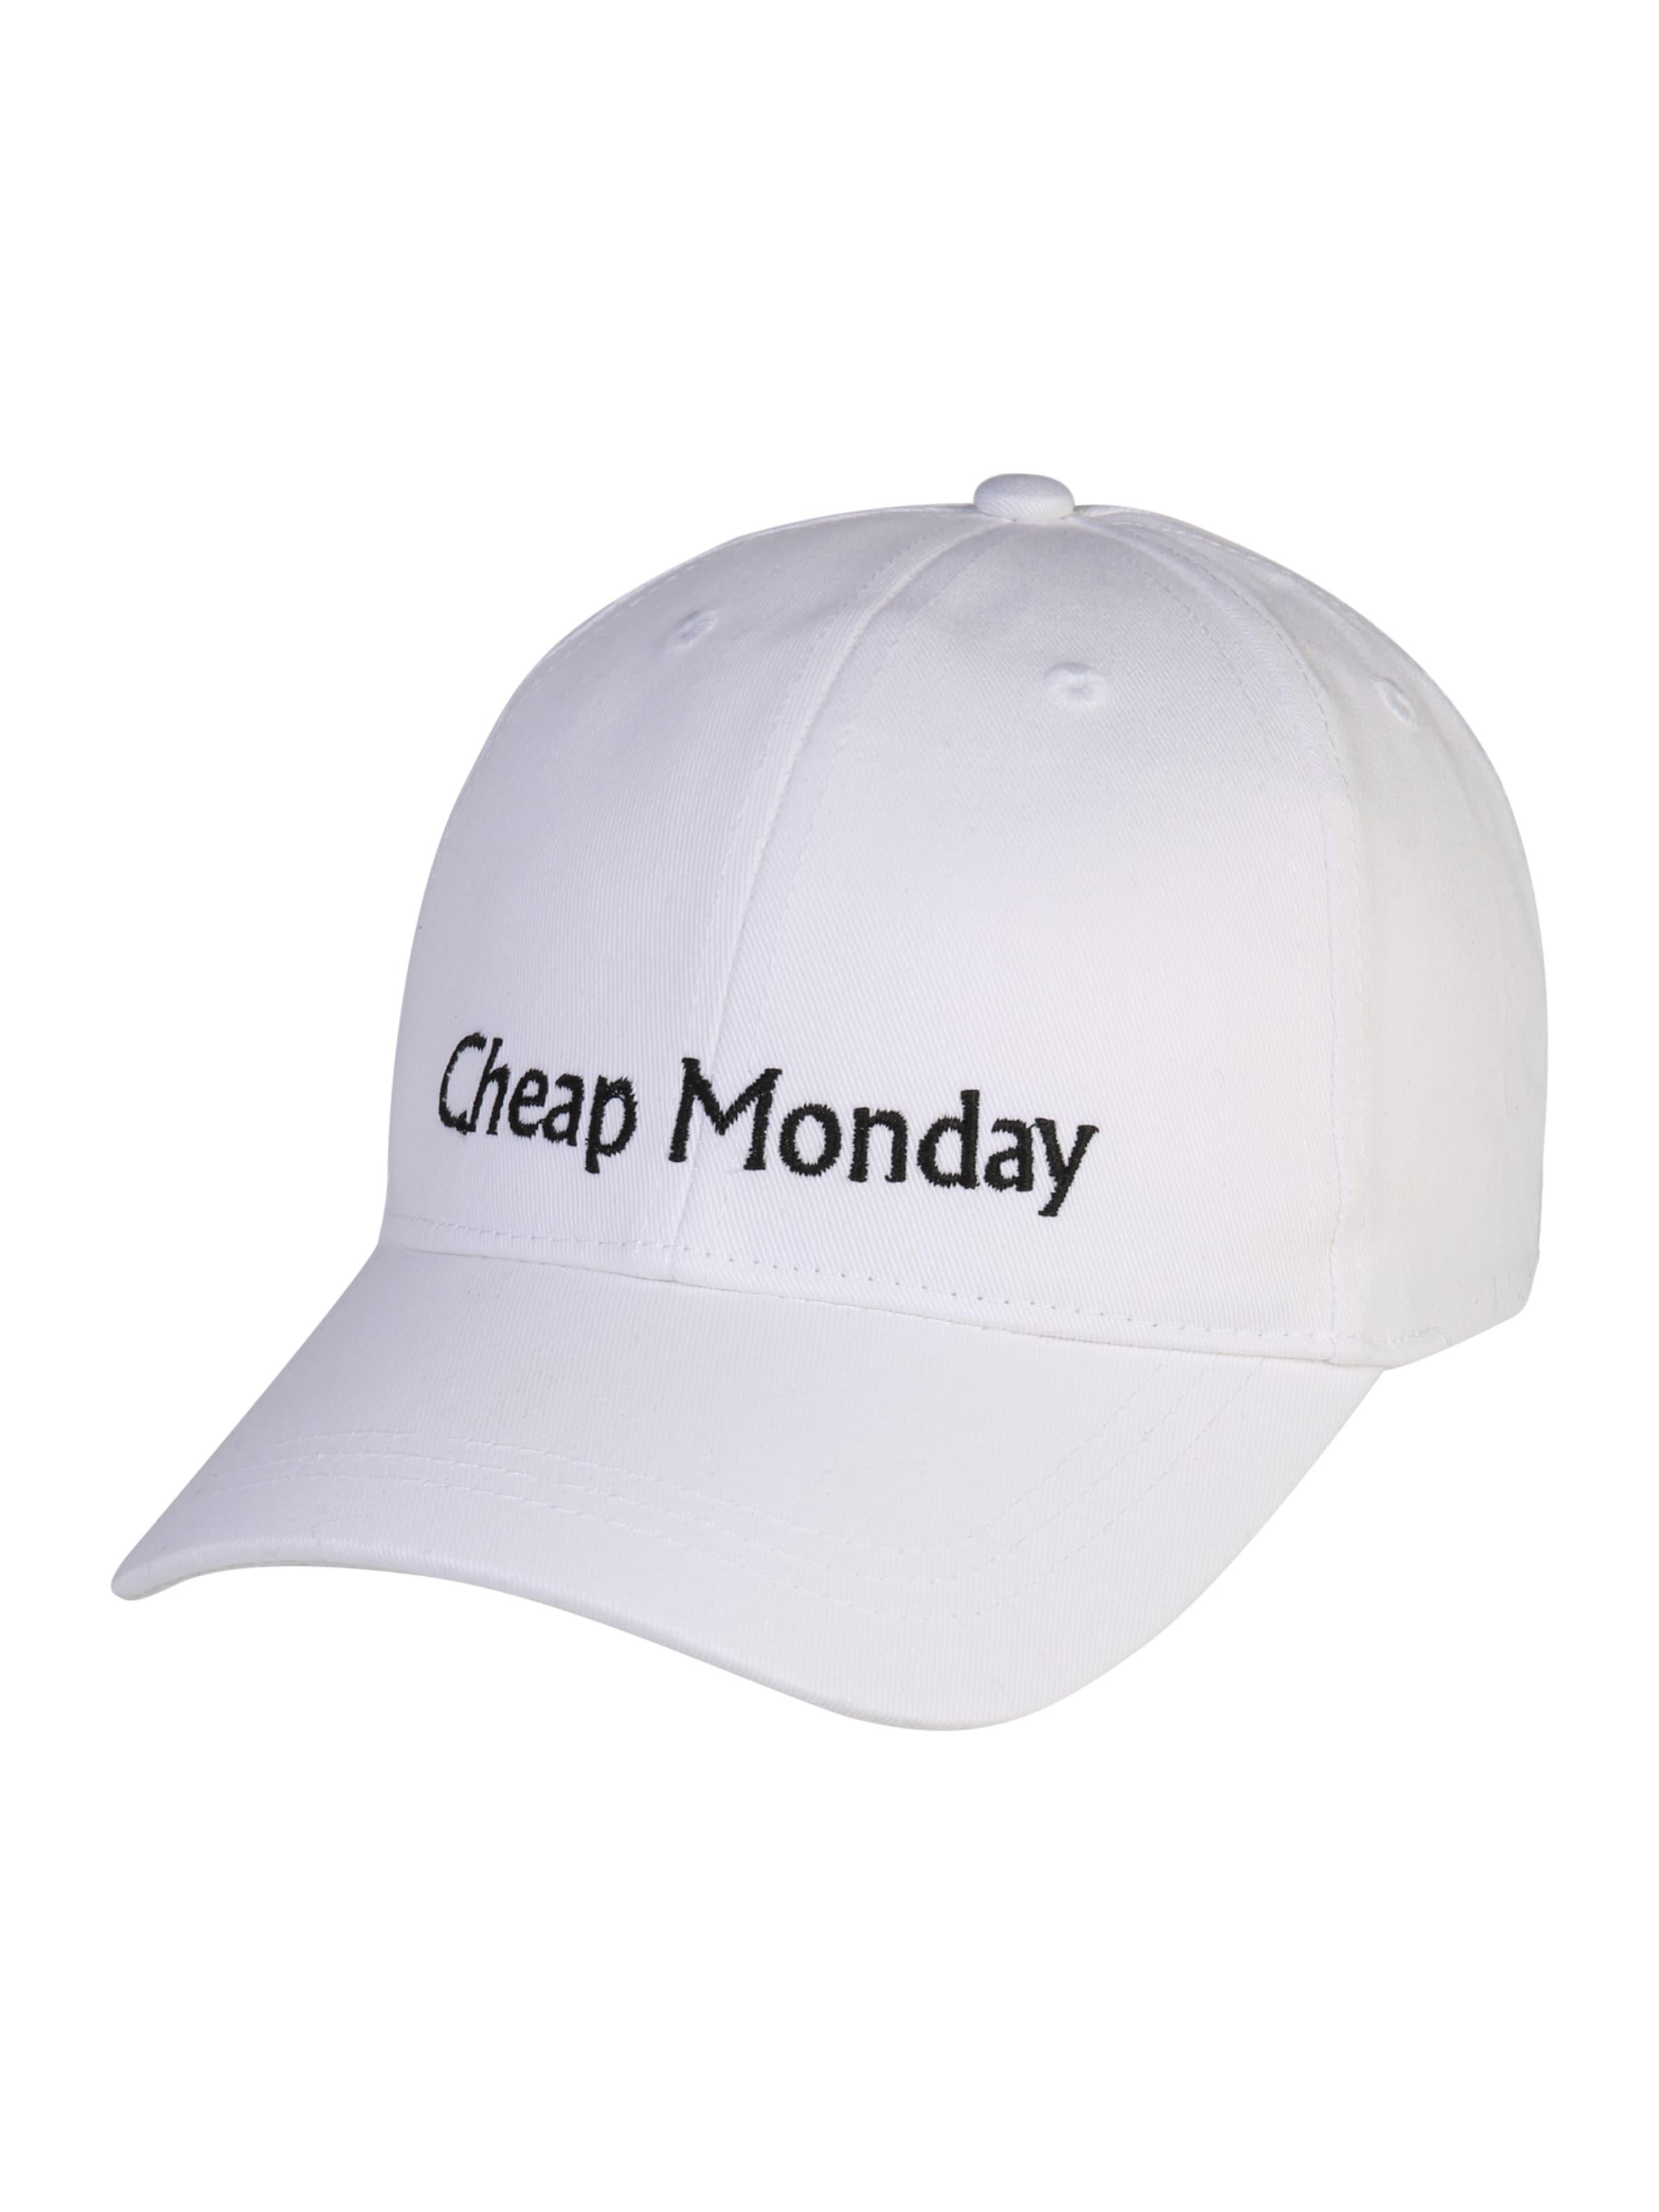 Cheap Cap Weiß In In Cheap Cap Monday Weiß Cap Monday Cheap Monday 54Rjq3AL